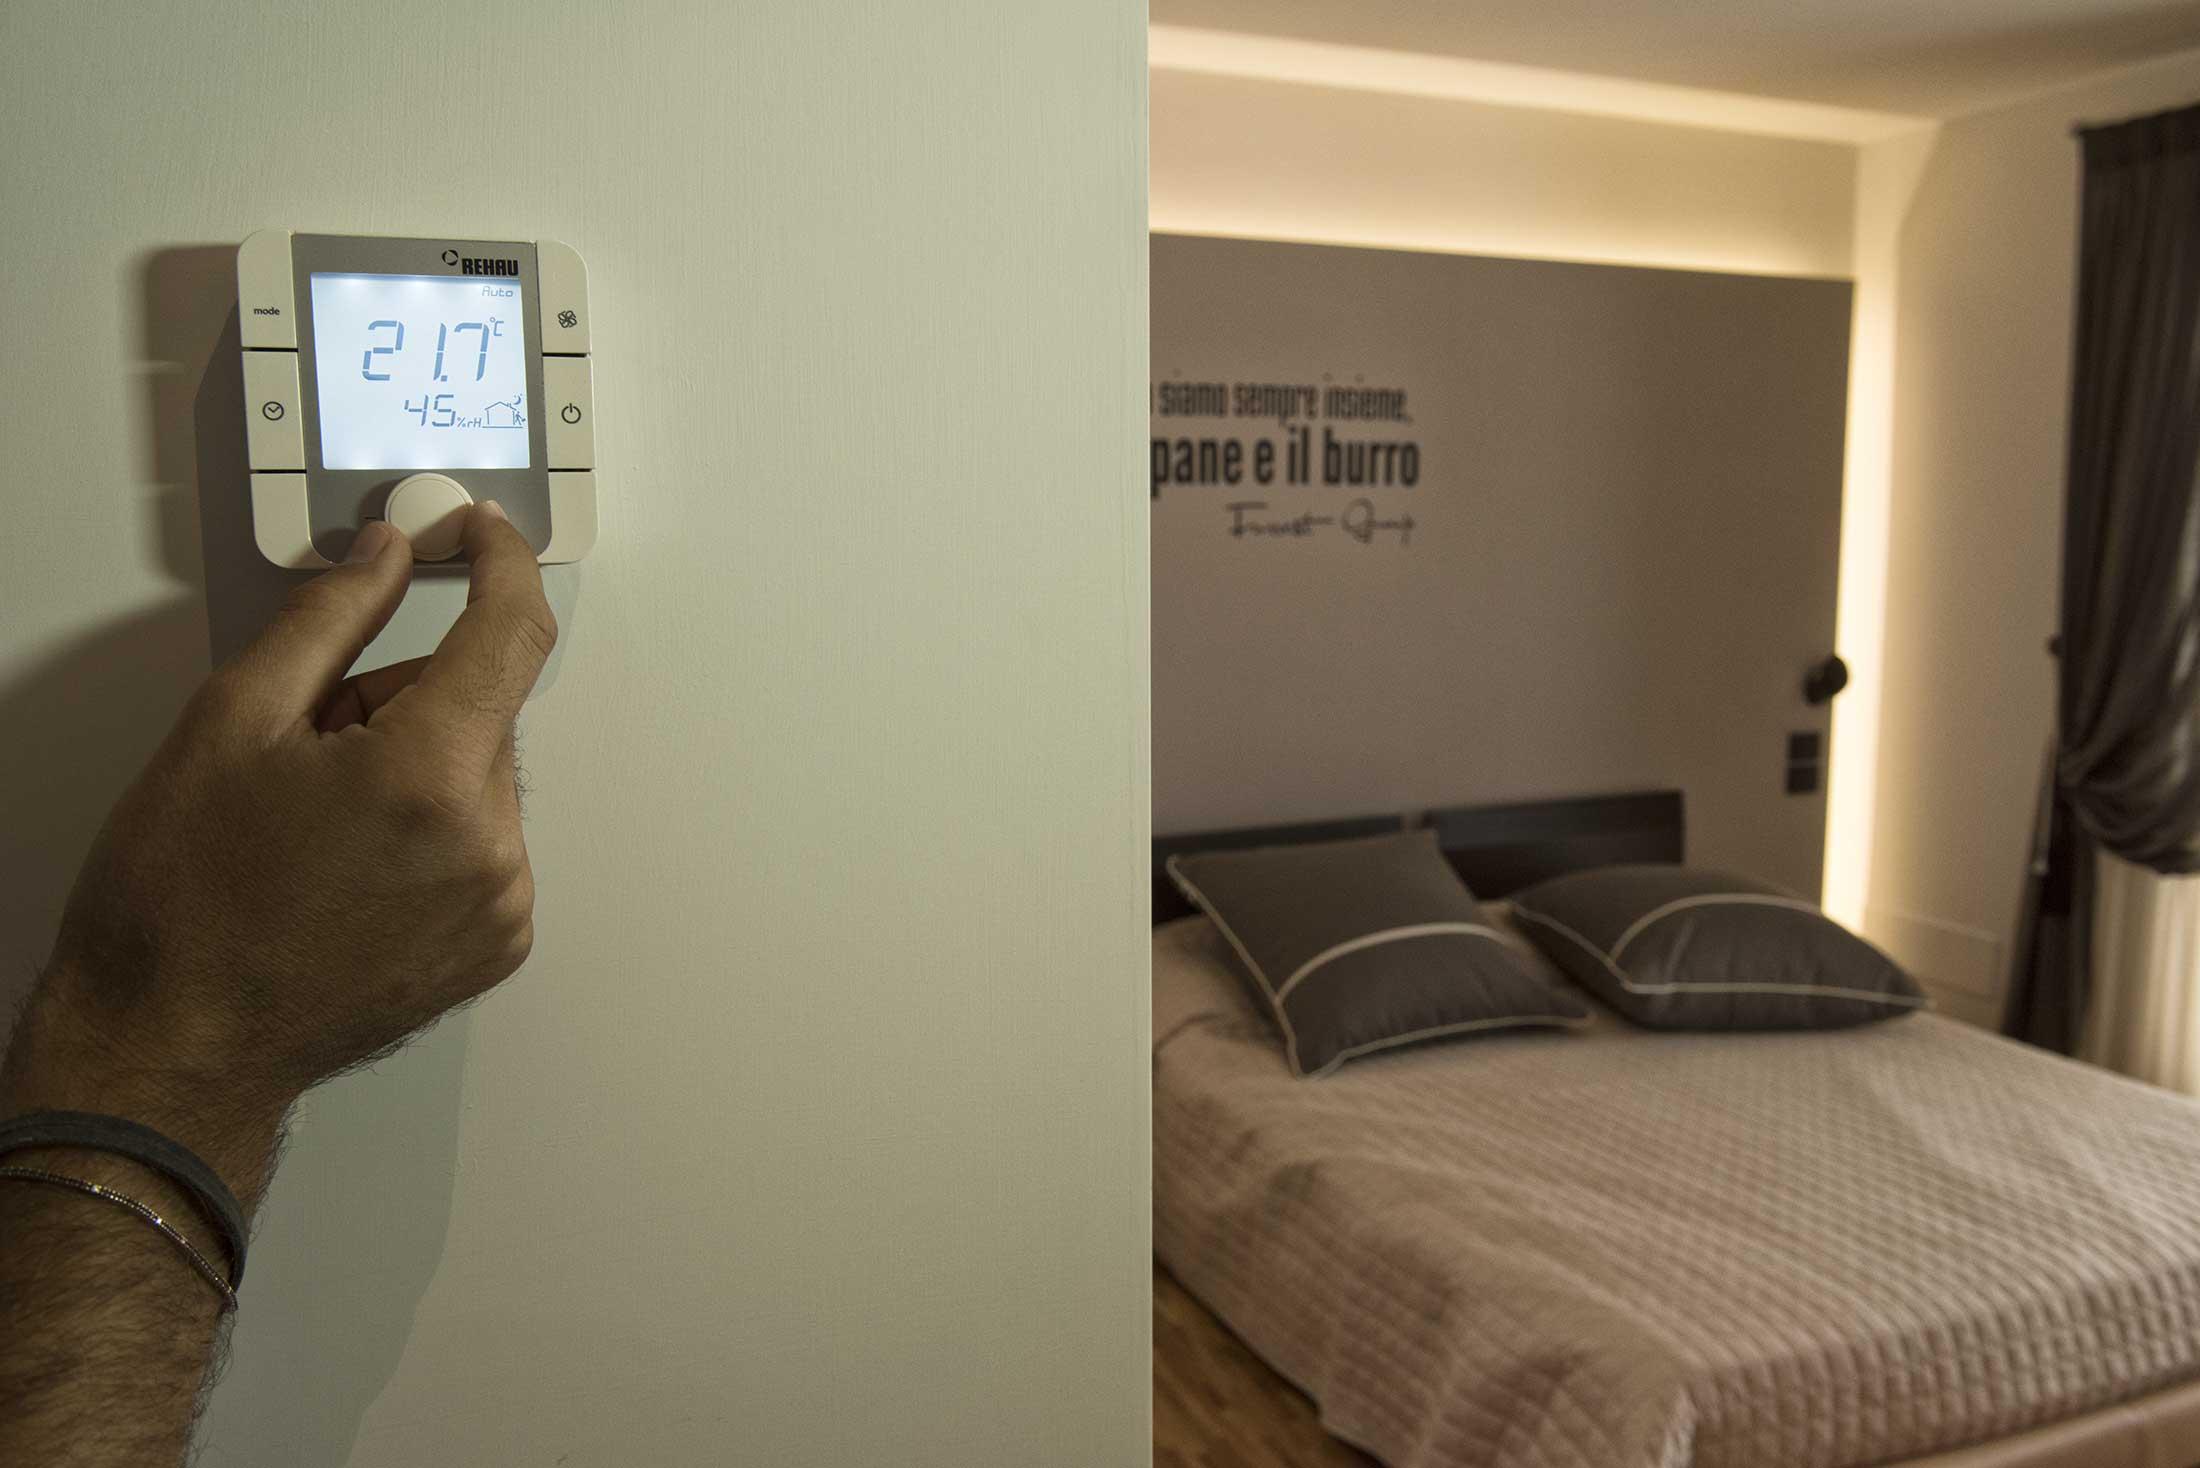 riscaldamento - conto termico - addessi store